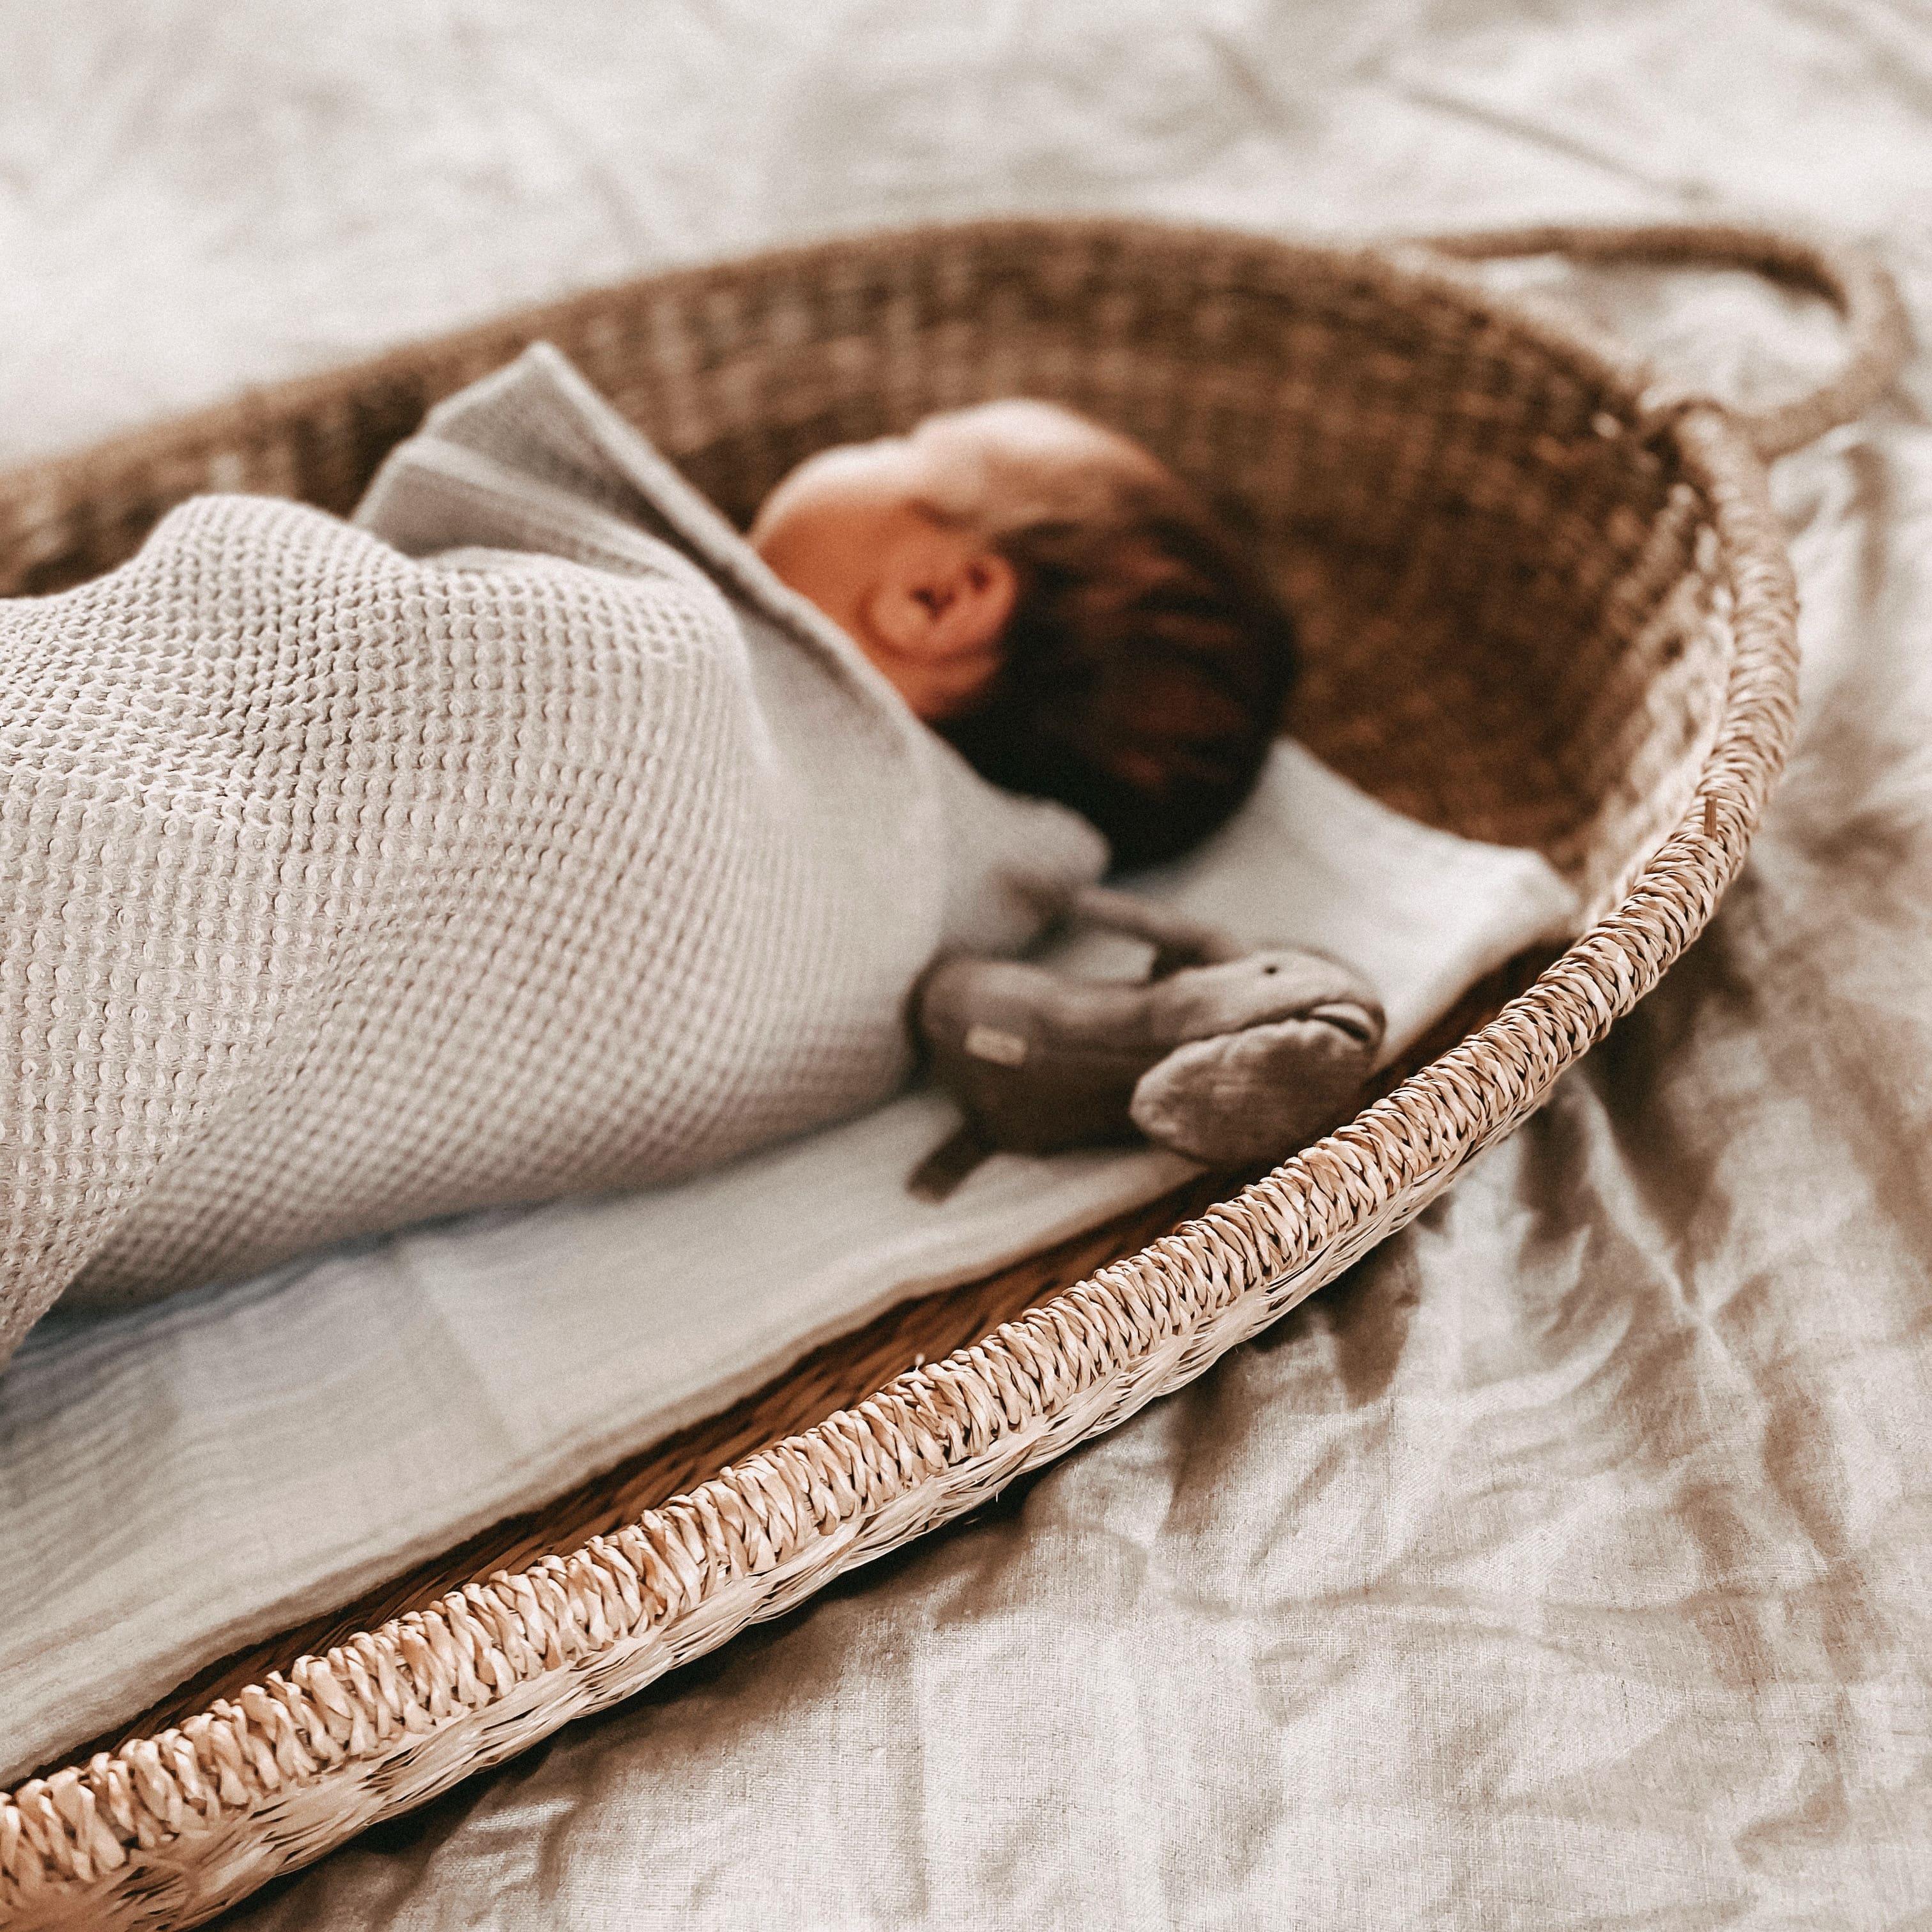 Geburtsbericht von Pazi auf Maison Pazi